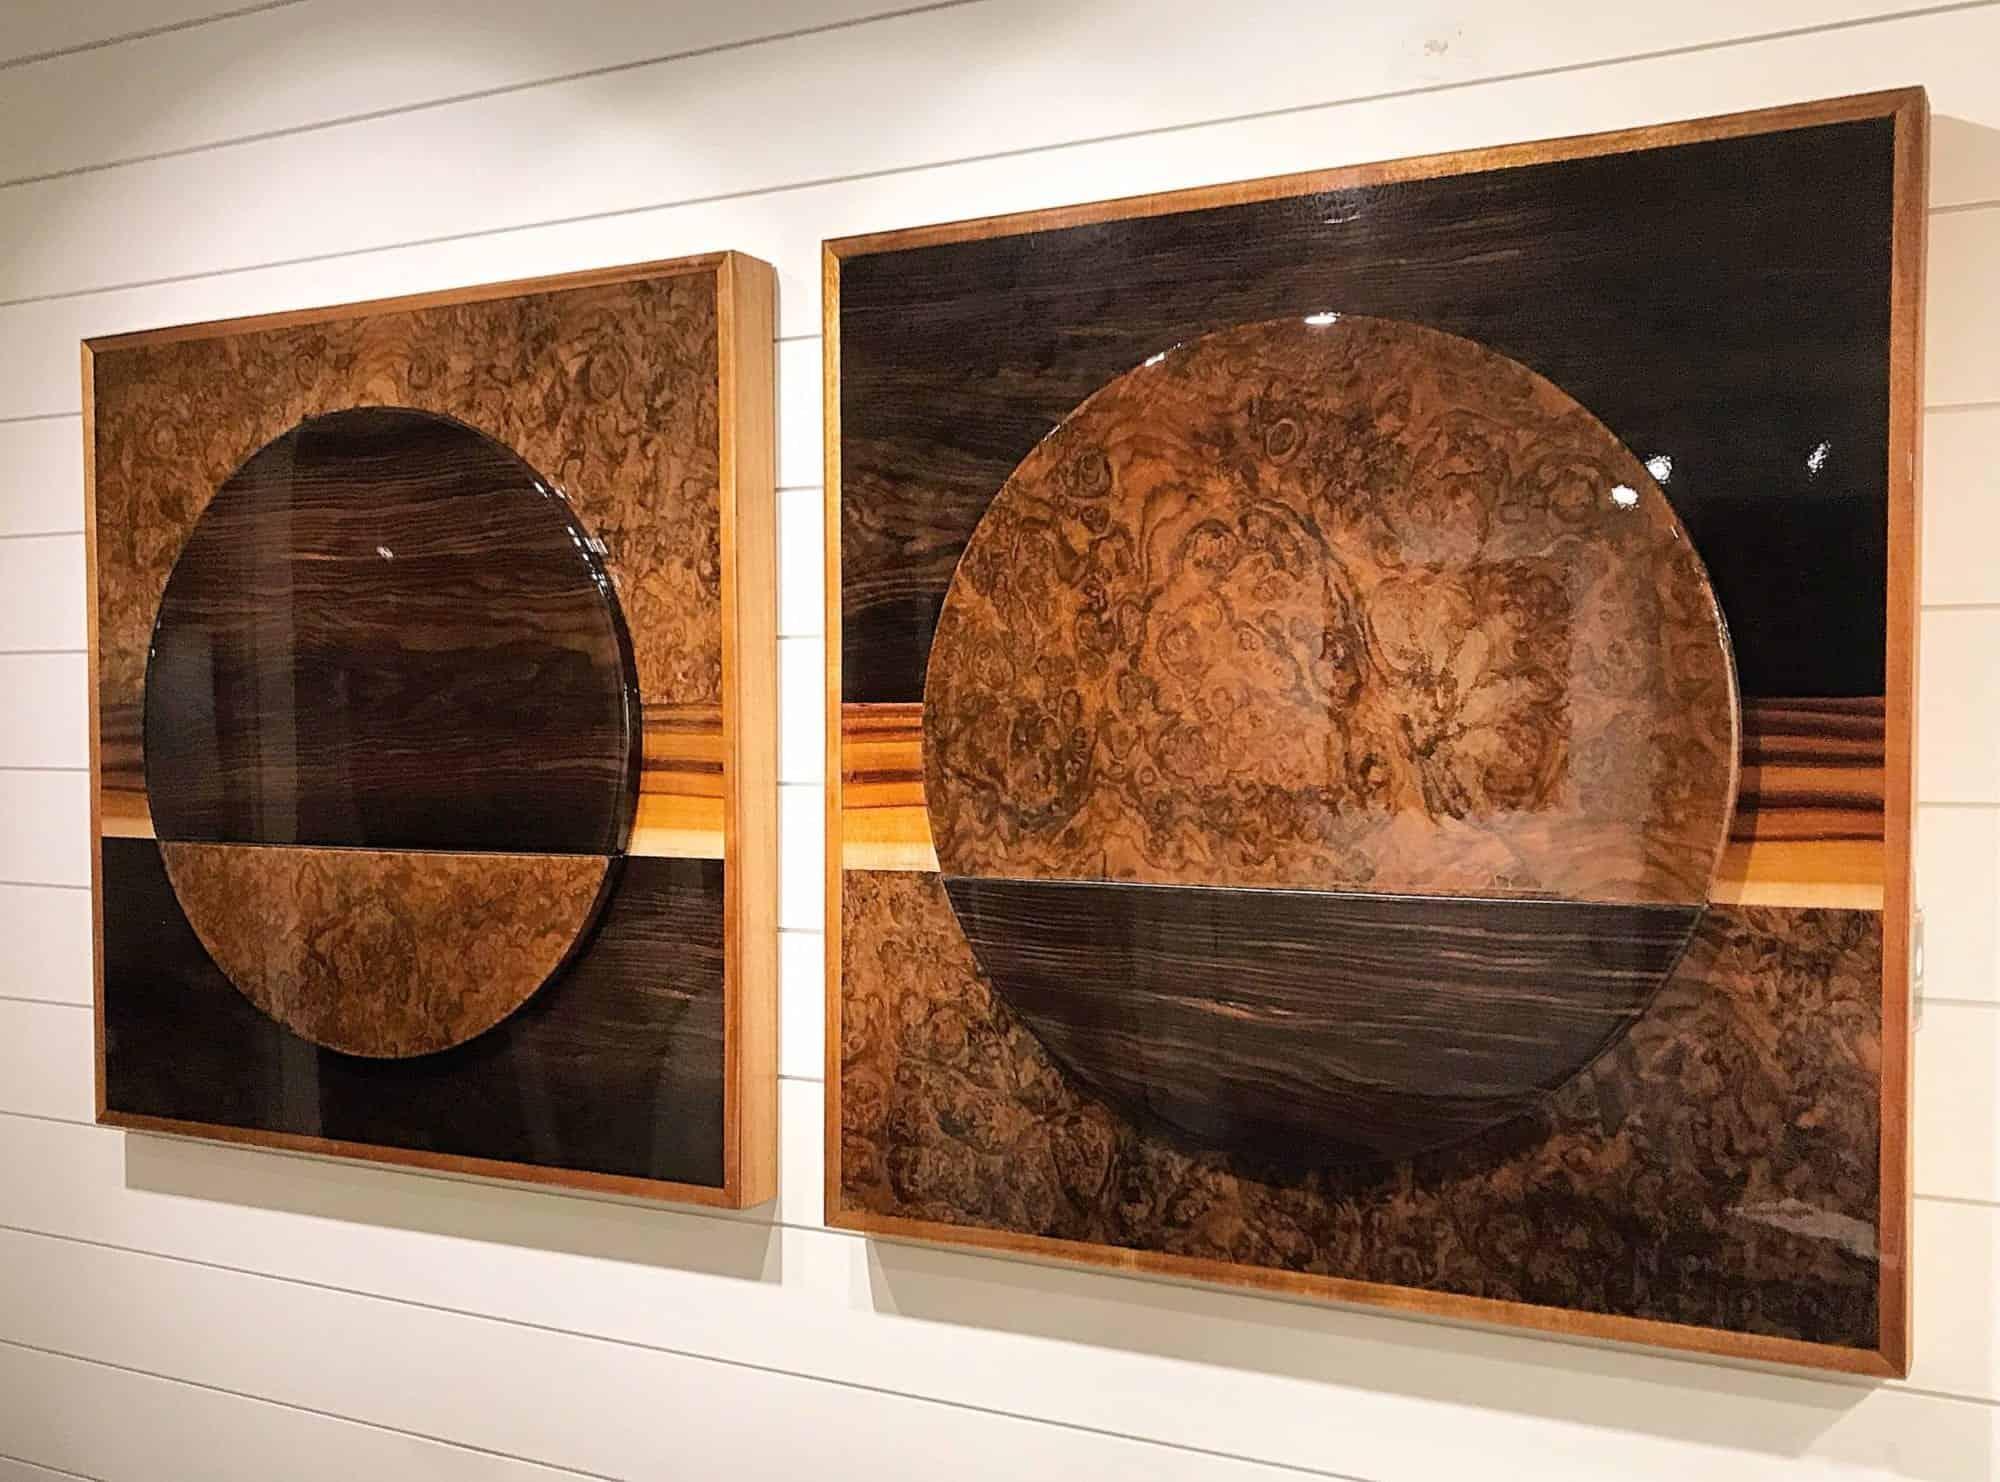 Contemporary Artist - Contemporary Sculpture - Shaun Thomas - Thomas Studios - Laguna Beach Art Gallery